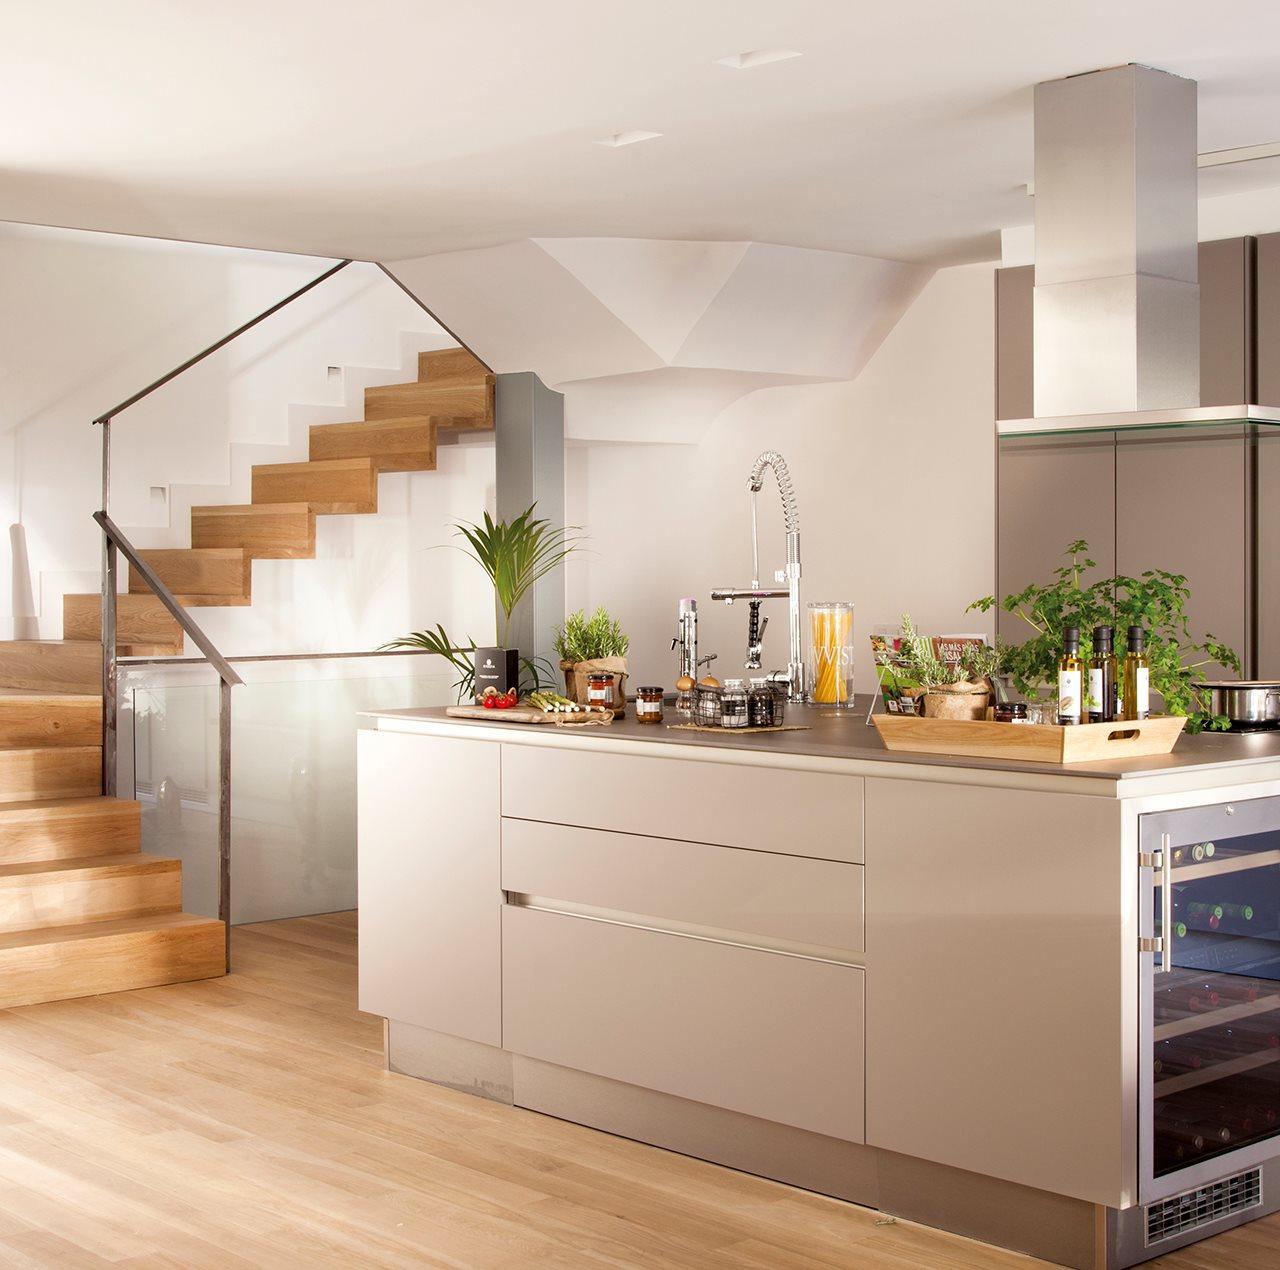 cocina con mobiliario en gris y escaleras de madera al fondo en la isla